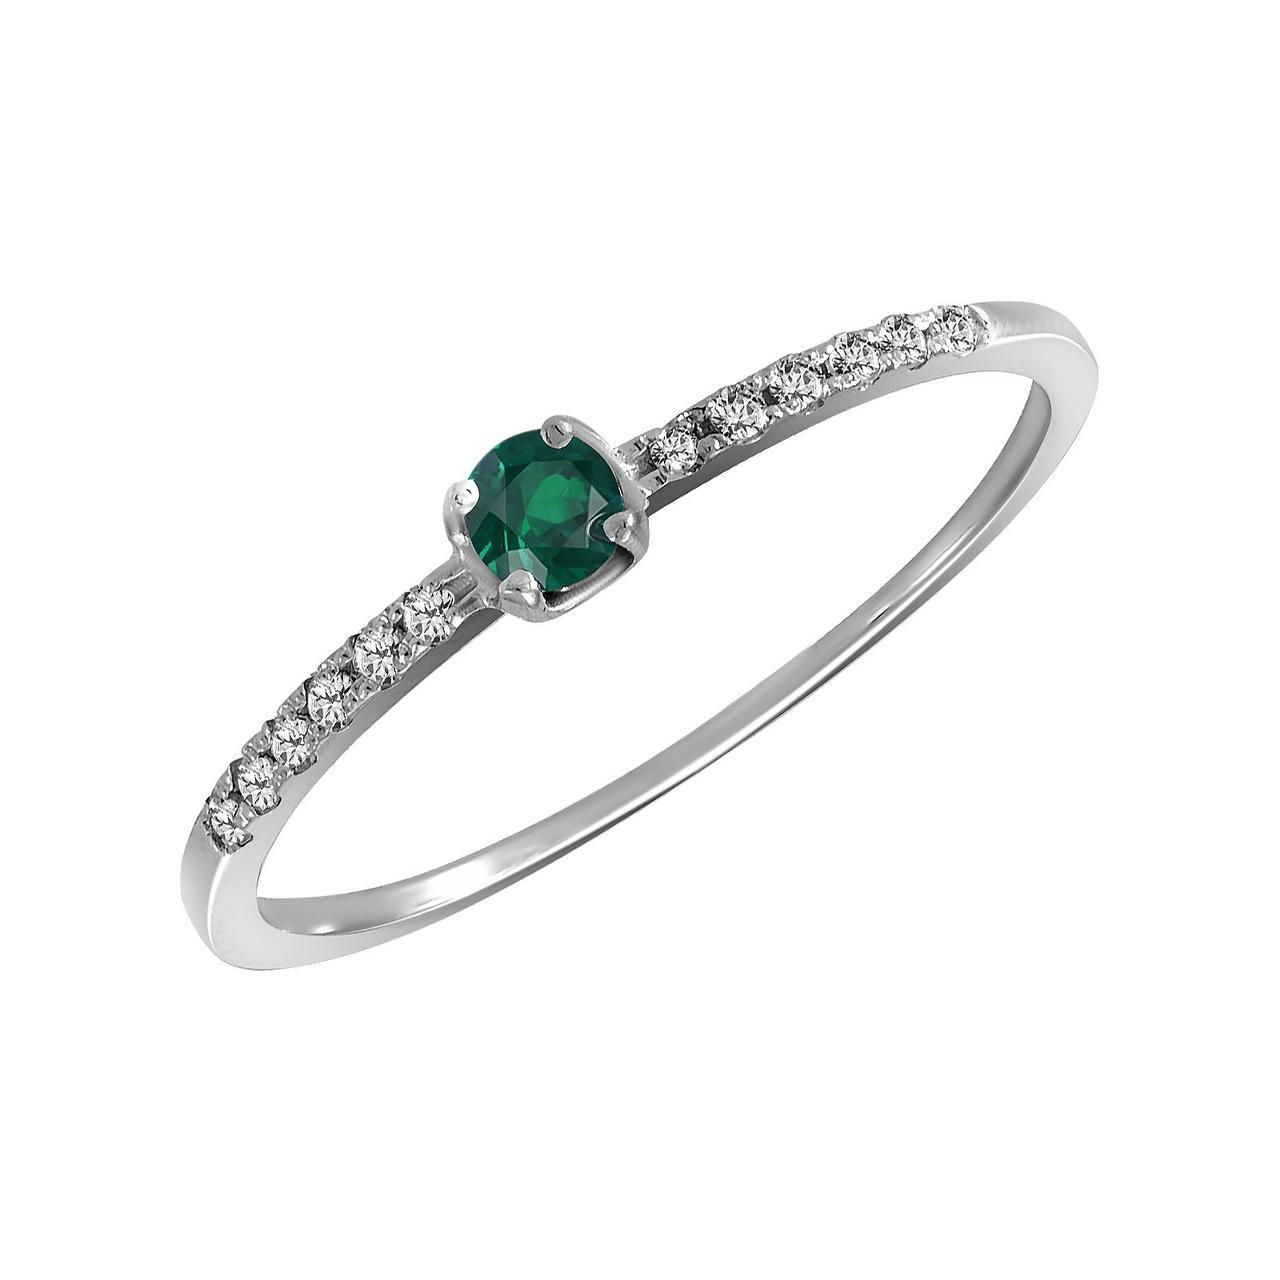 Золотое кольцо с бриллиантами и изумрудом, размер 16.5 (056629)